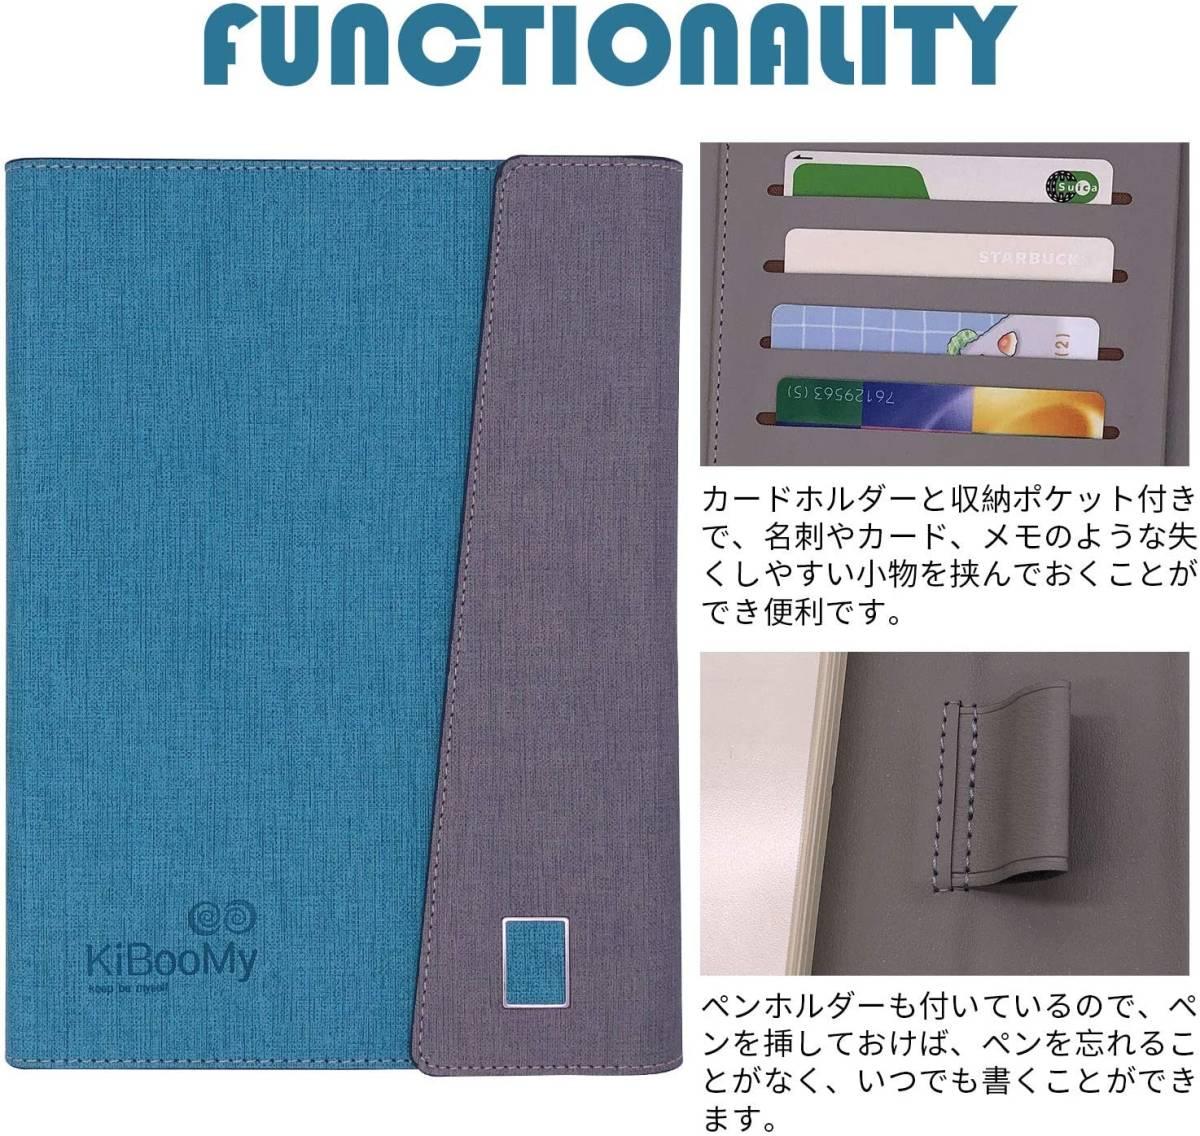 システム手帳カバー A5 KiBooMy PUレザー製 リフィル100枚付属 カード収納ケース付きA5サイズ メモ帳 ノート スタンダードタイプ 6穴リング_画像4